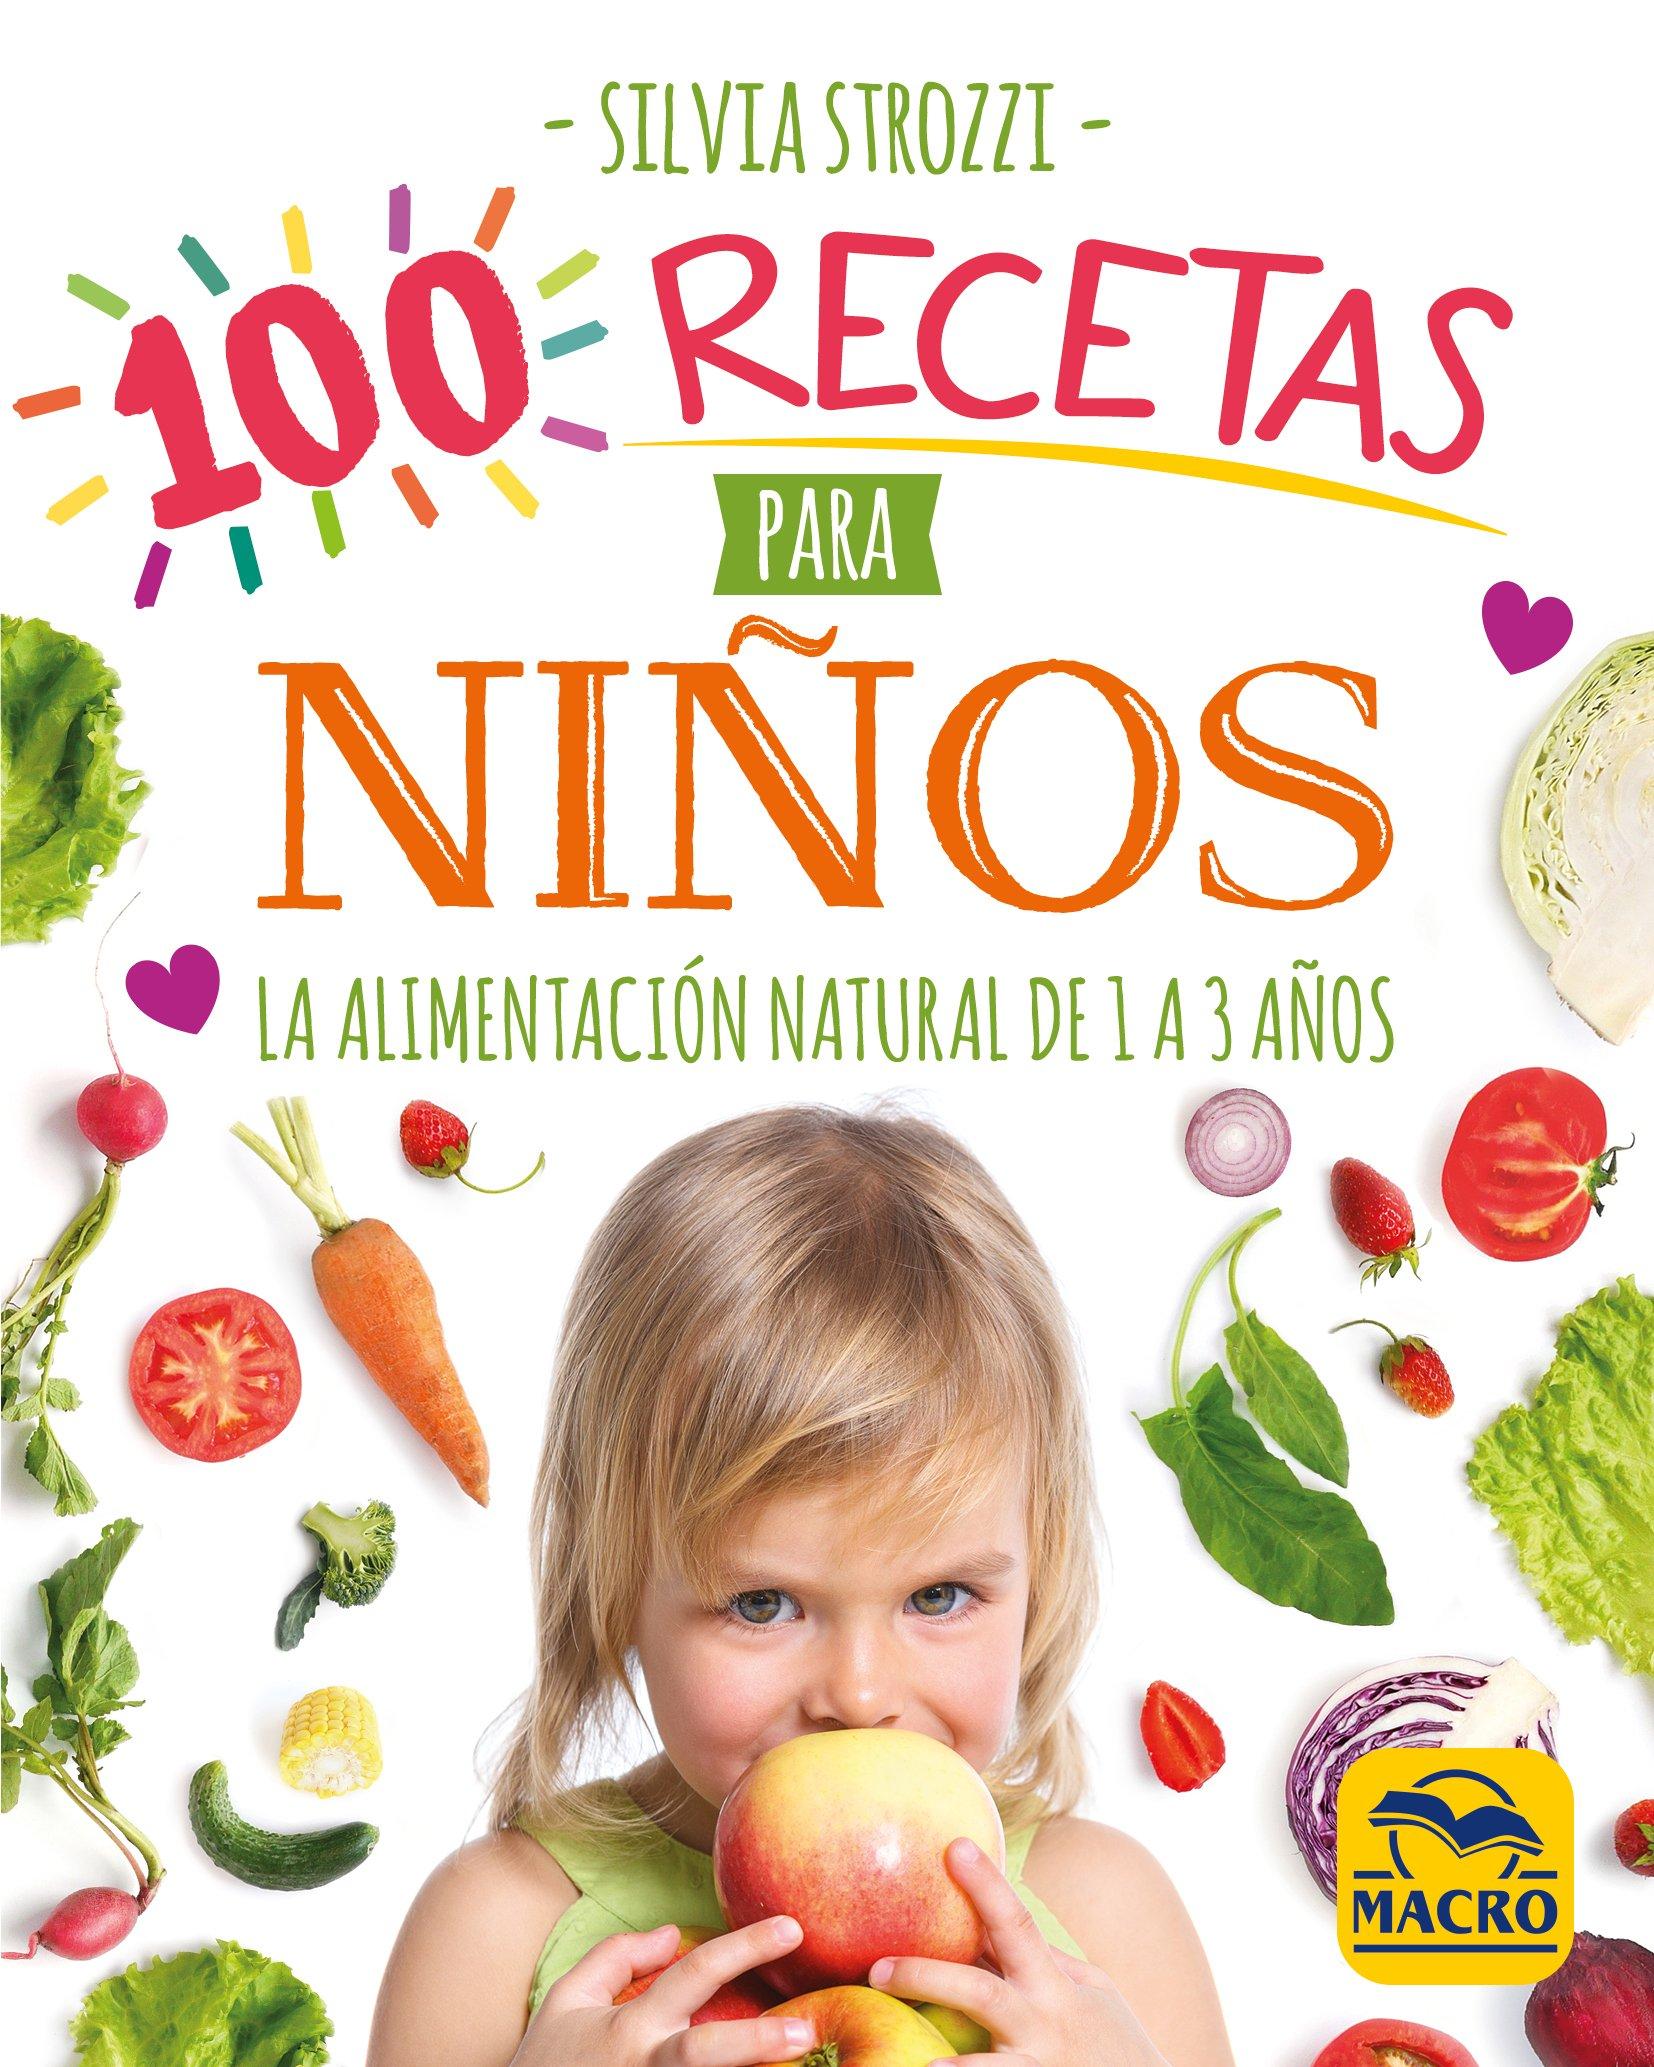 100 Recetas Para Niños. La alimentación natural de 1 a 3 años